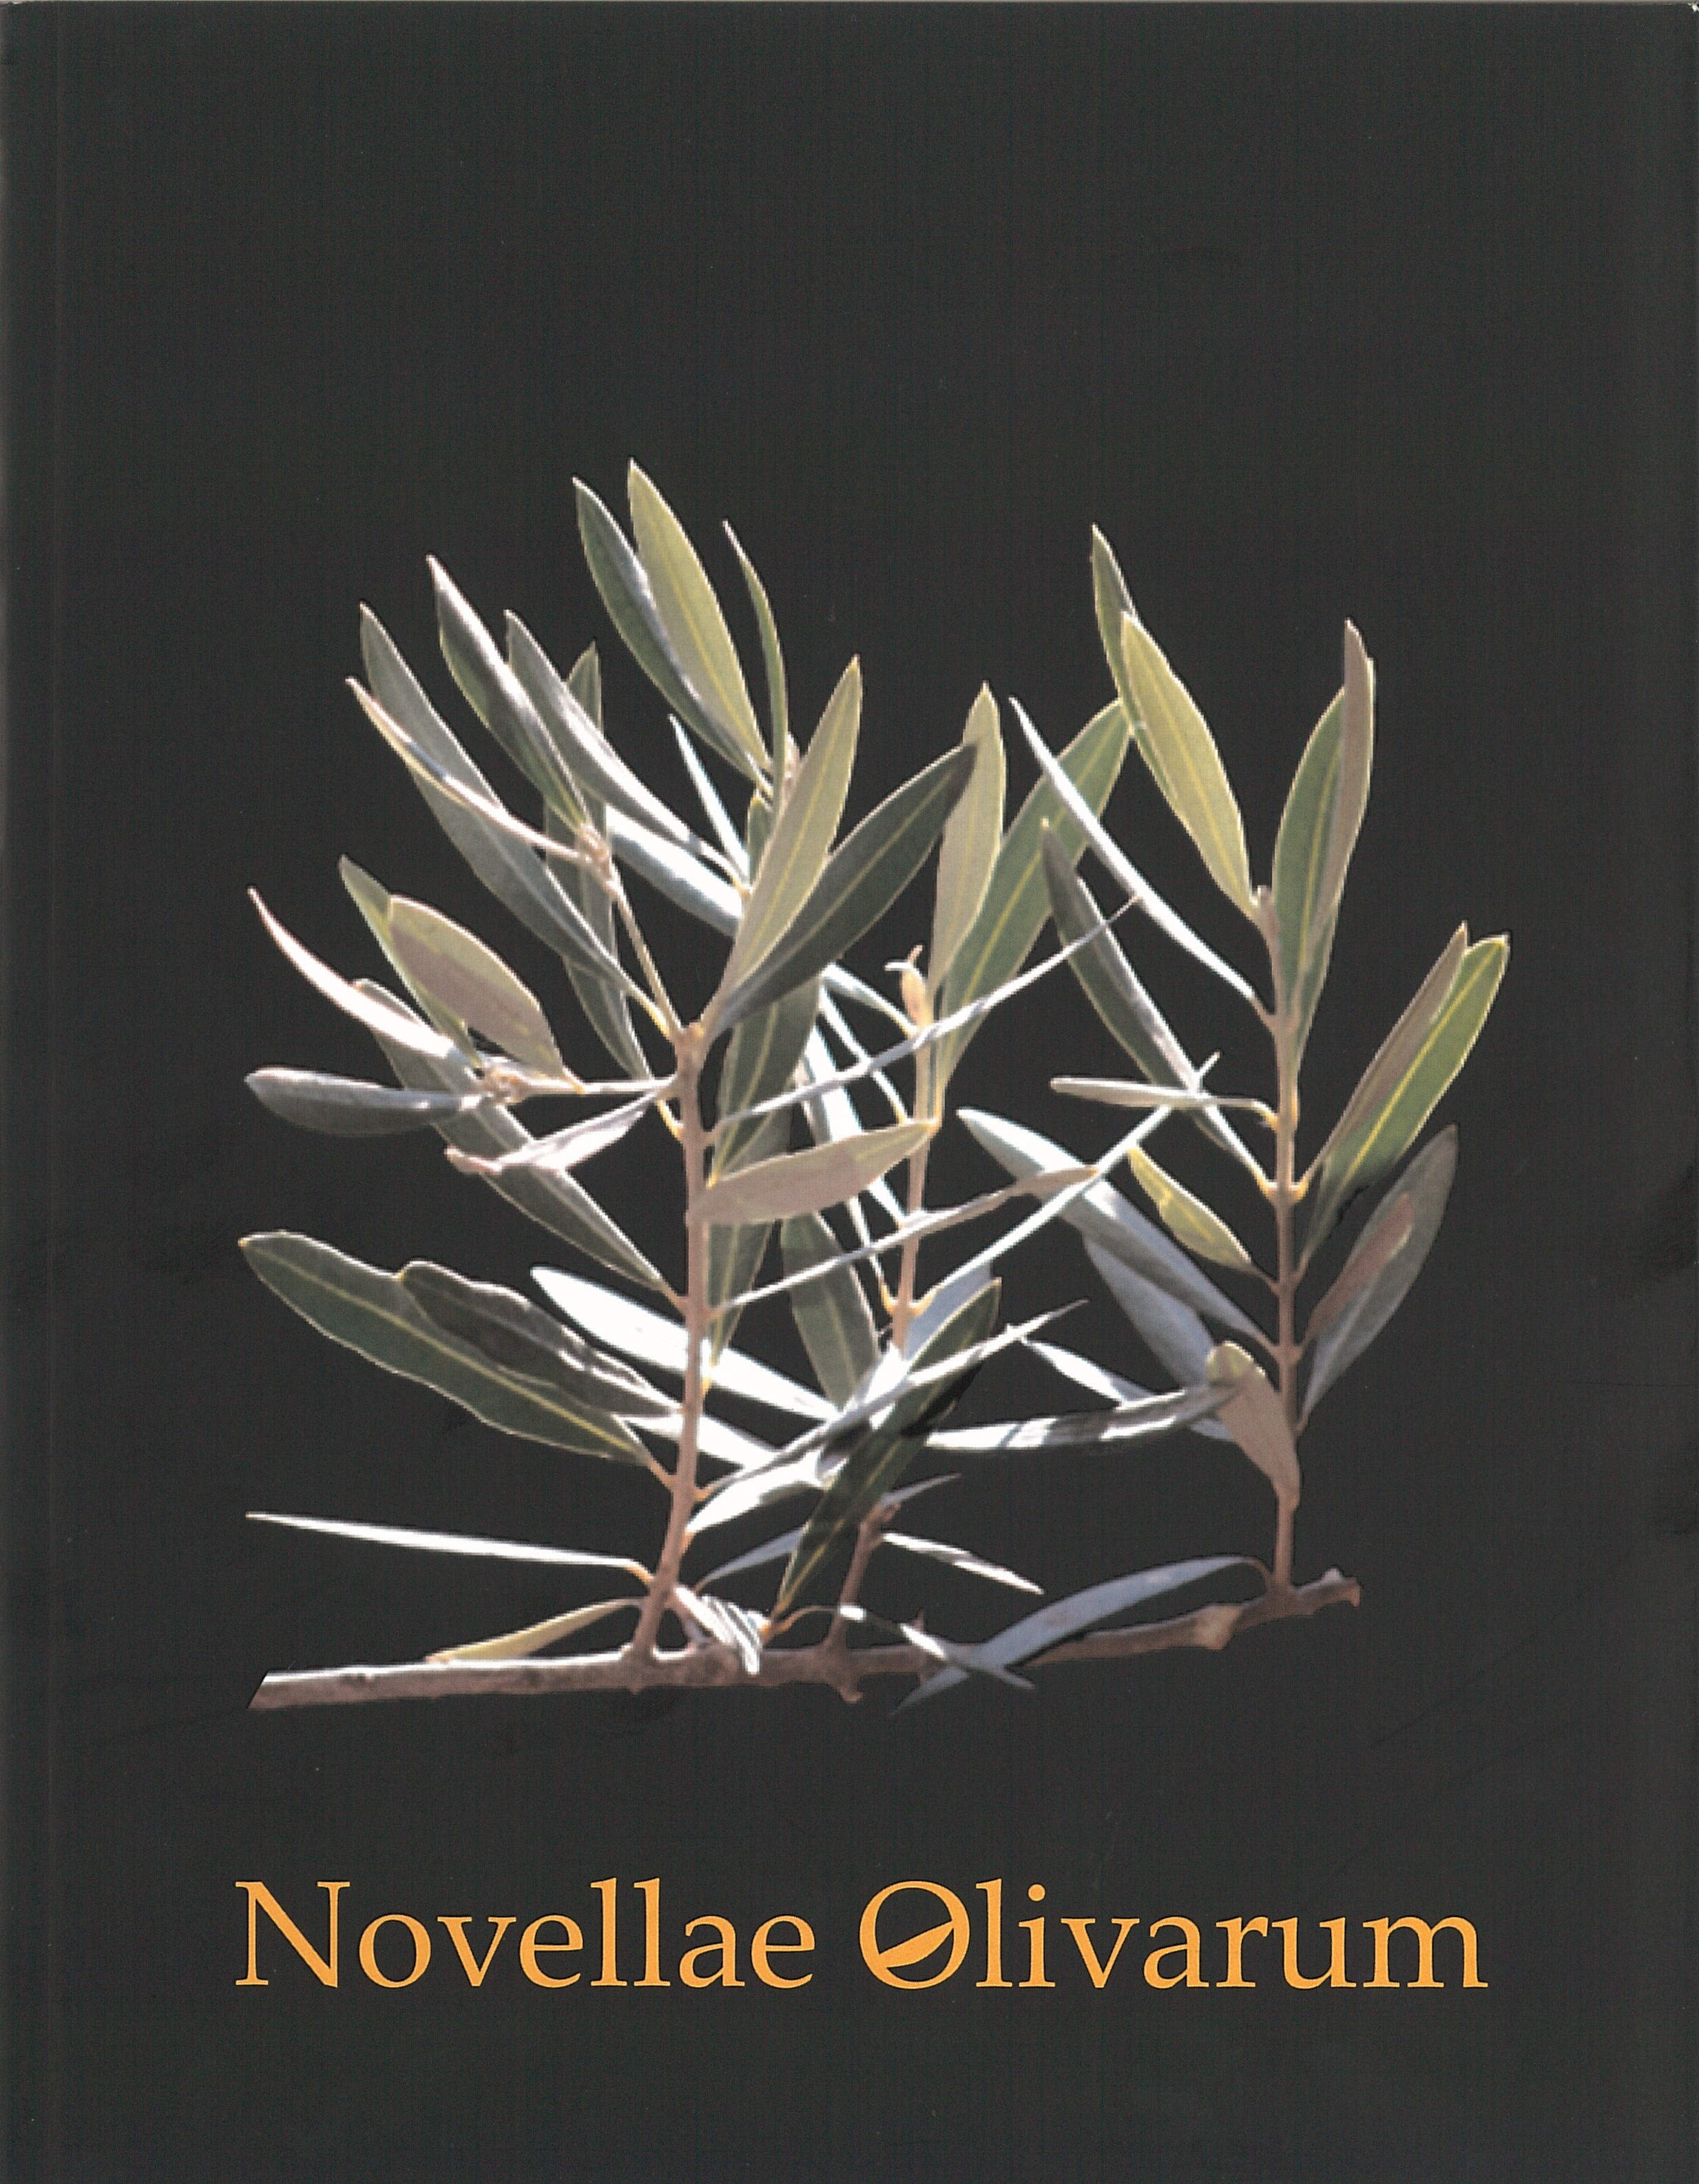 Revista Novellae Olivarum, nº 33 - Outubro de 2006 (capa)